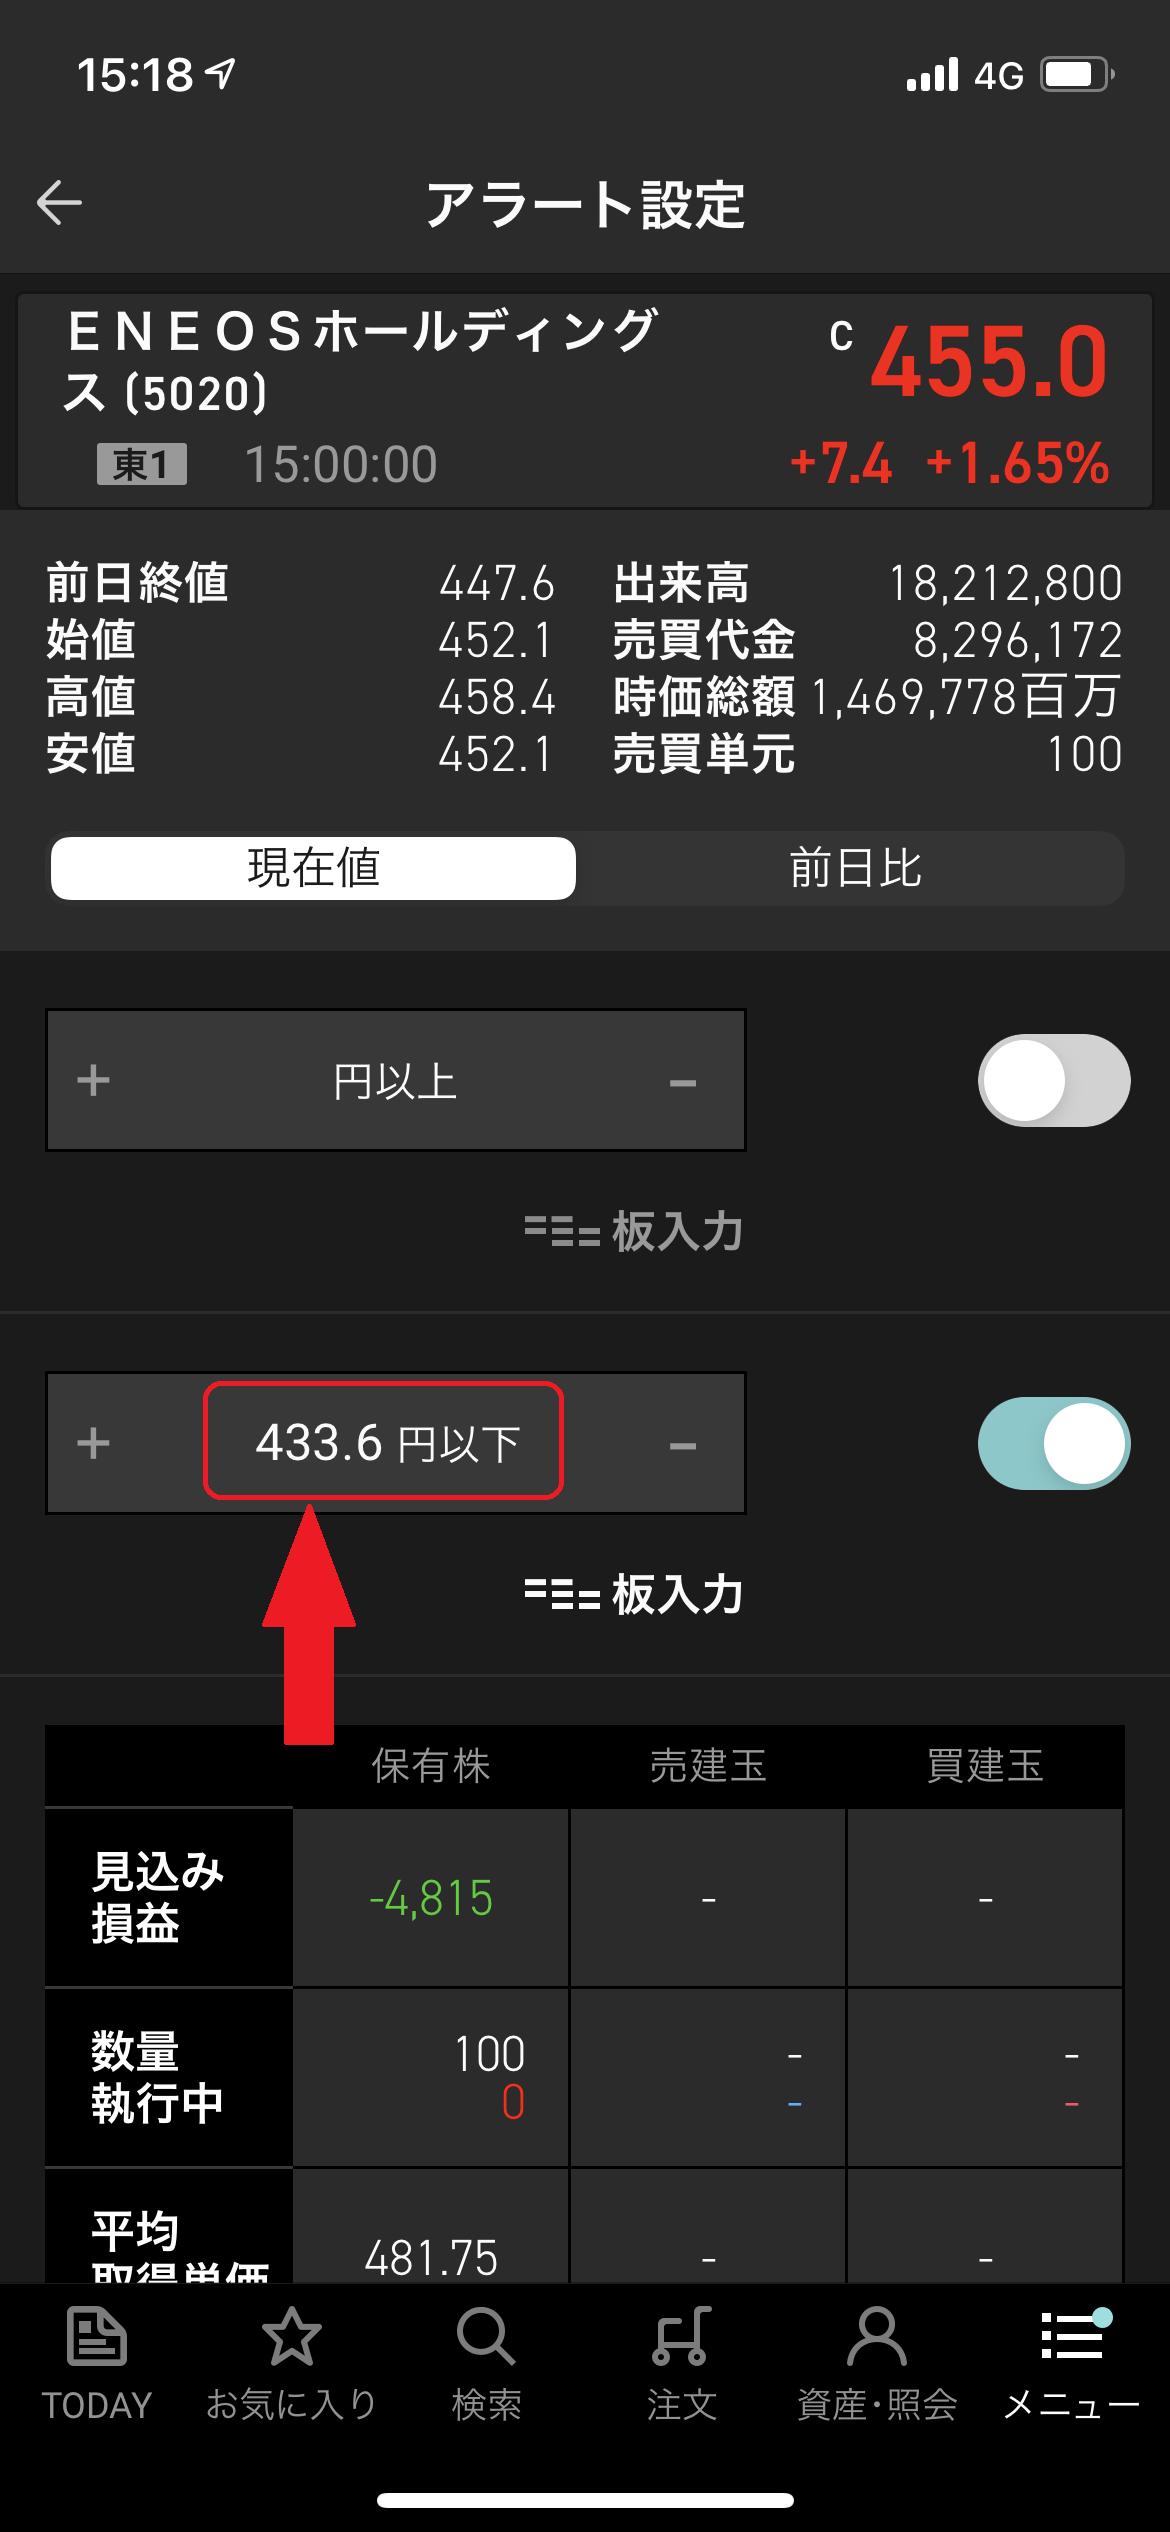 楽天証券のアプリ「iSPEED」のアラート設定(損切りアラート設定値確認)